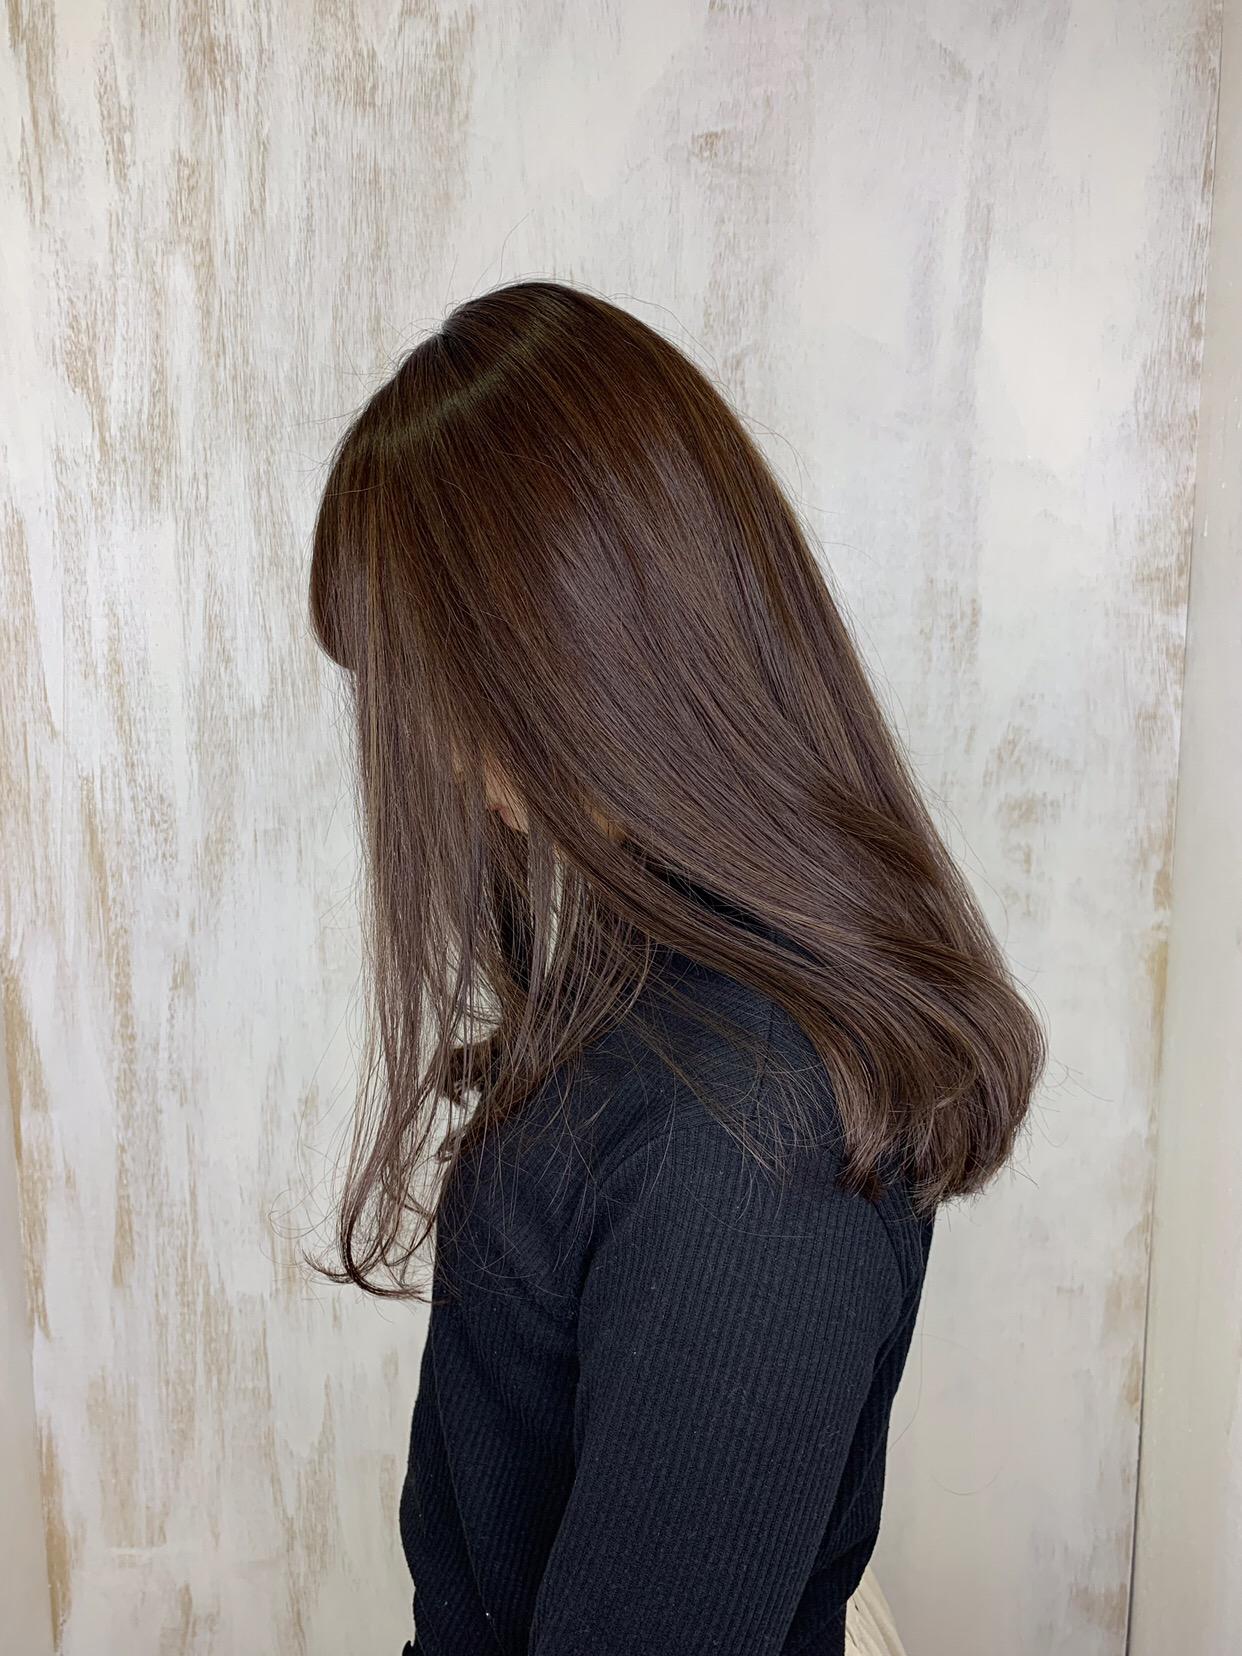 ハイライトカラーの入った髪の【縮毛矯正】原宿・表参道『1000人をツヤ髪にヘアケア美容師の挑戦』